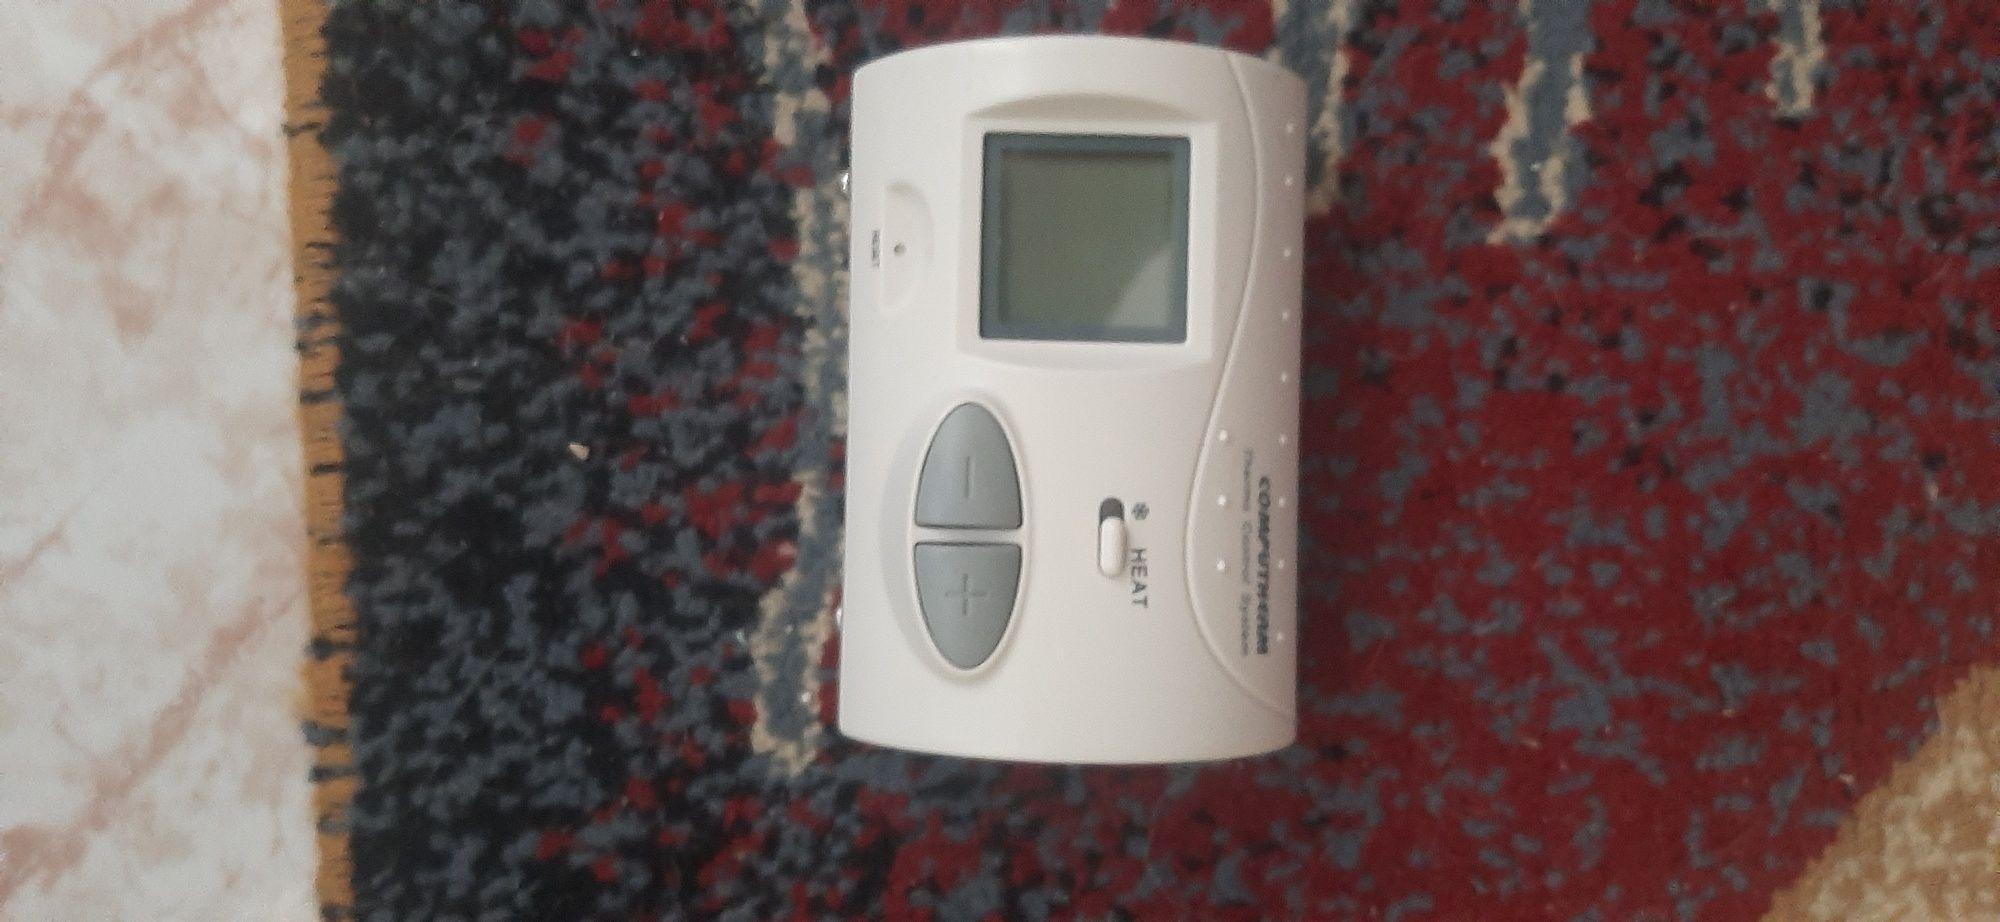 Thermostat centrală.